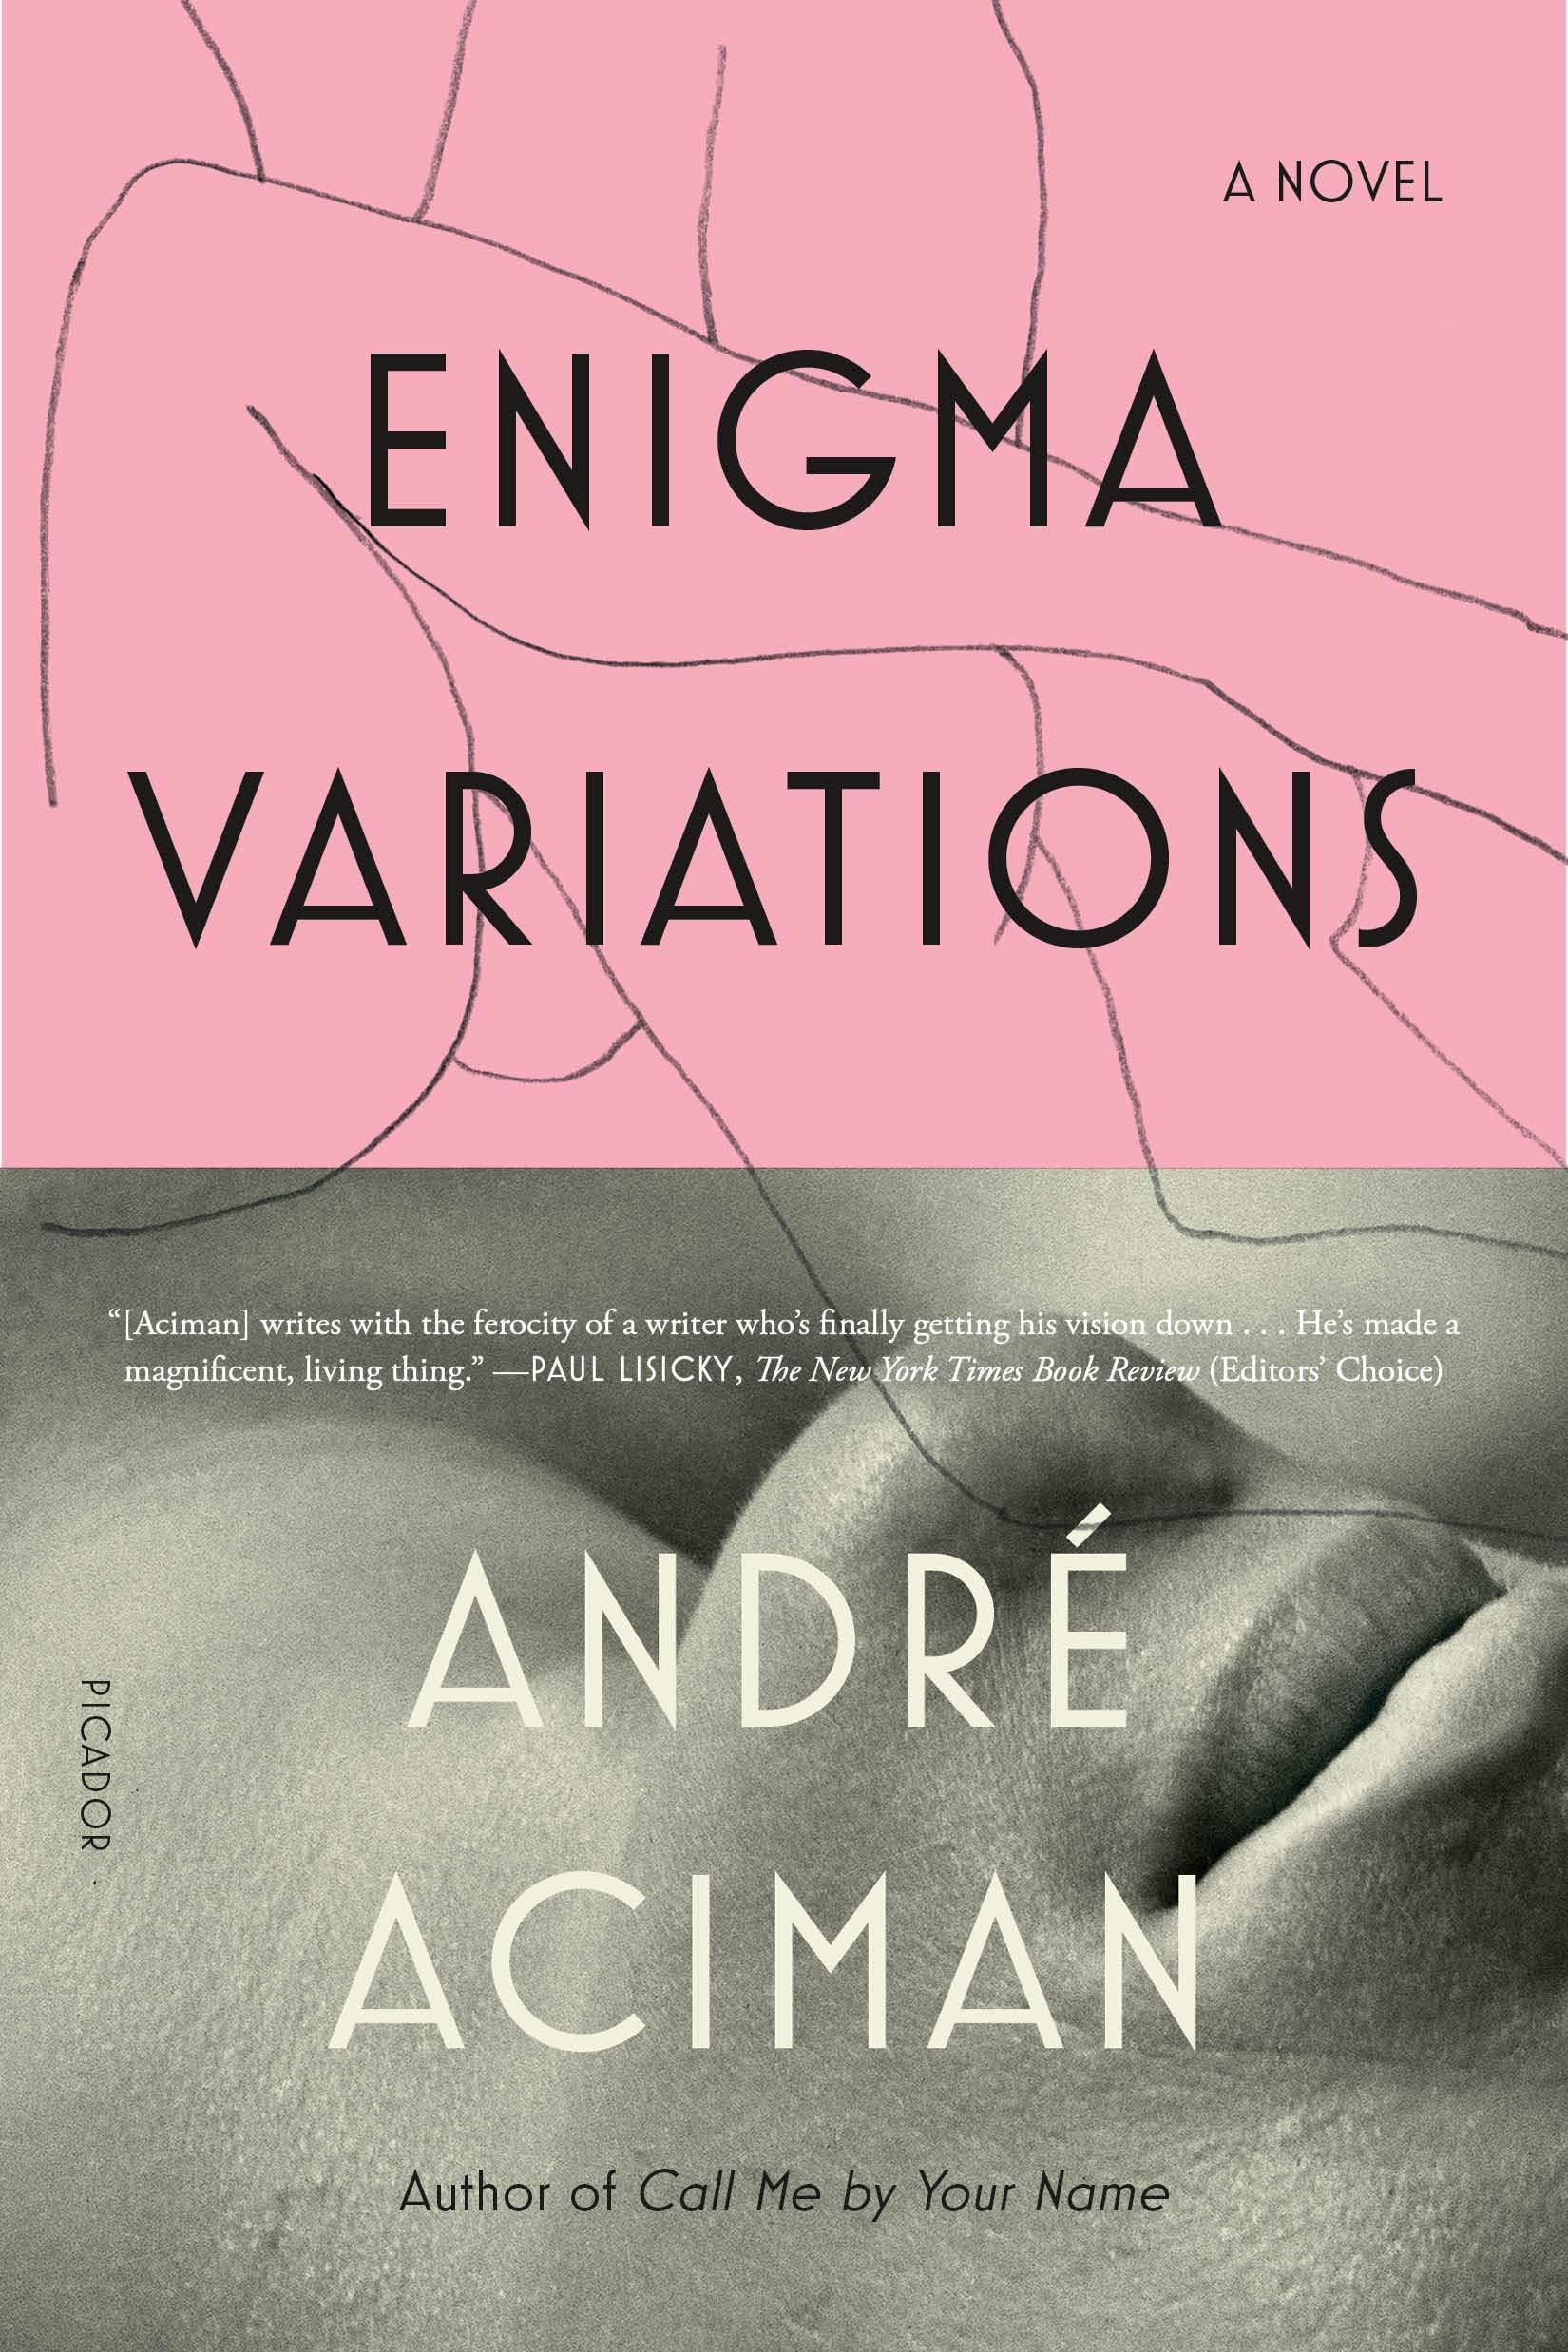 Enigma Variations: Amazon.es: Andre Aciman: Libros en idiomas extranjeros